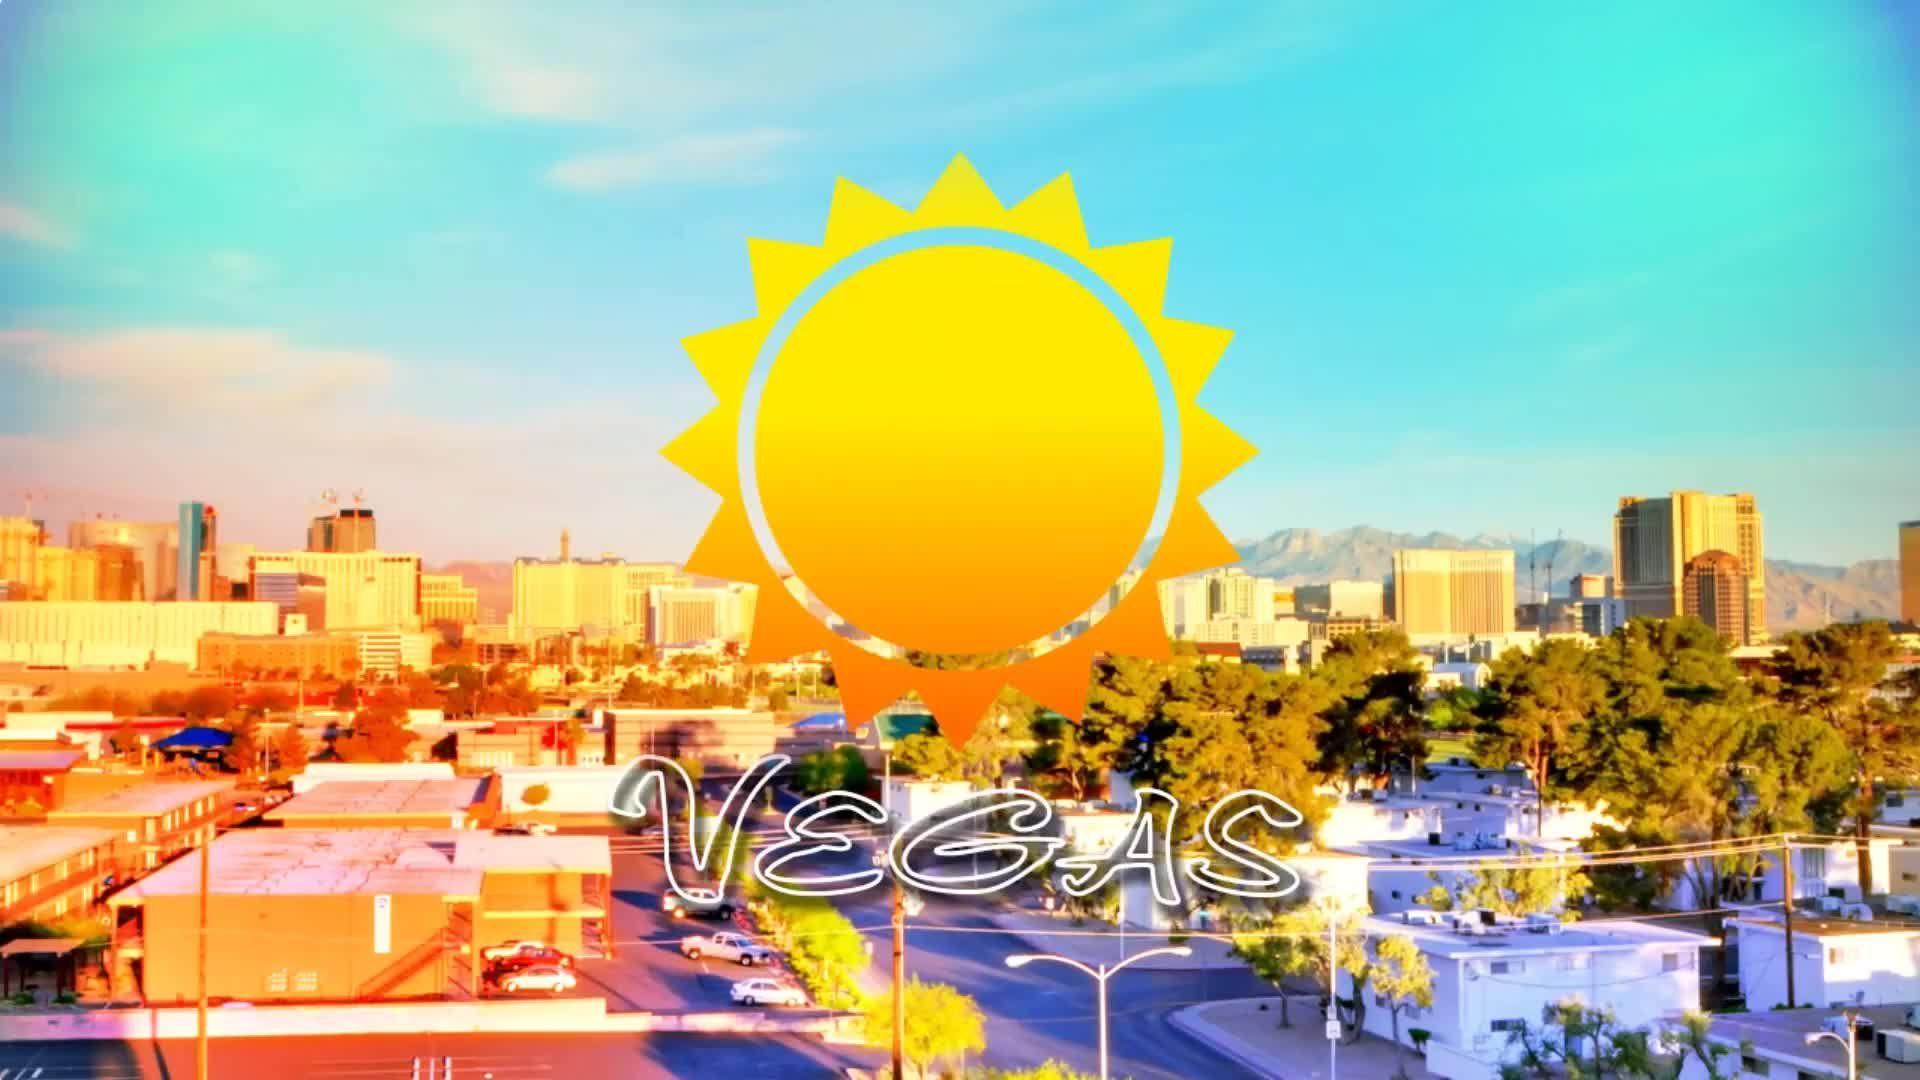 VEGASLIFETV-ACTV-UNDER THE VEGAS SUN EP65_Gerry McCambridge